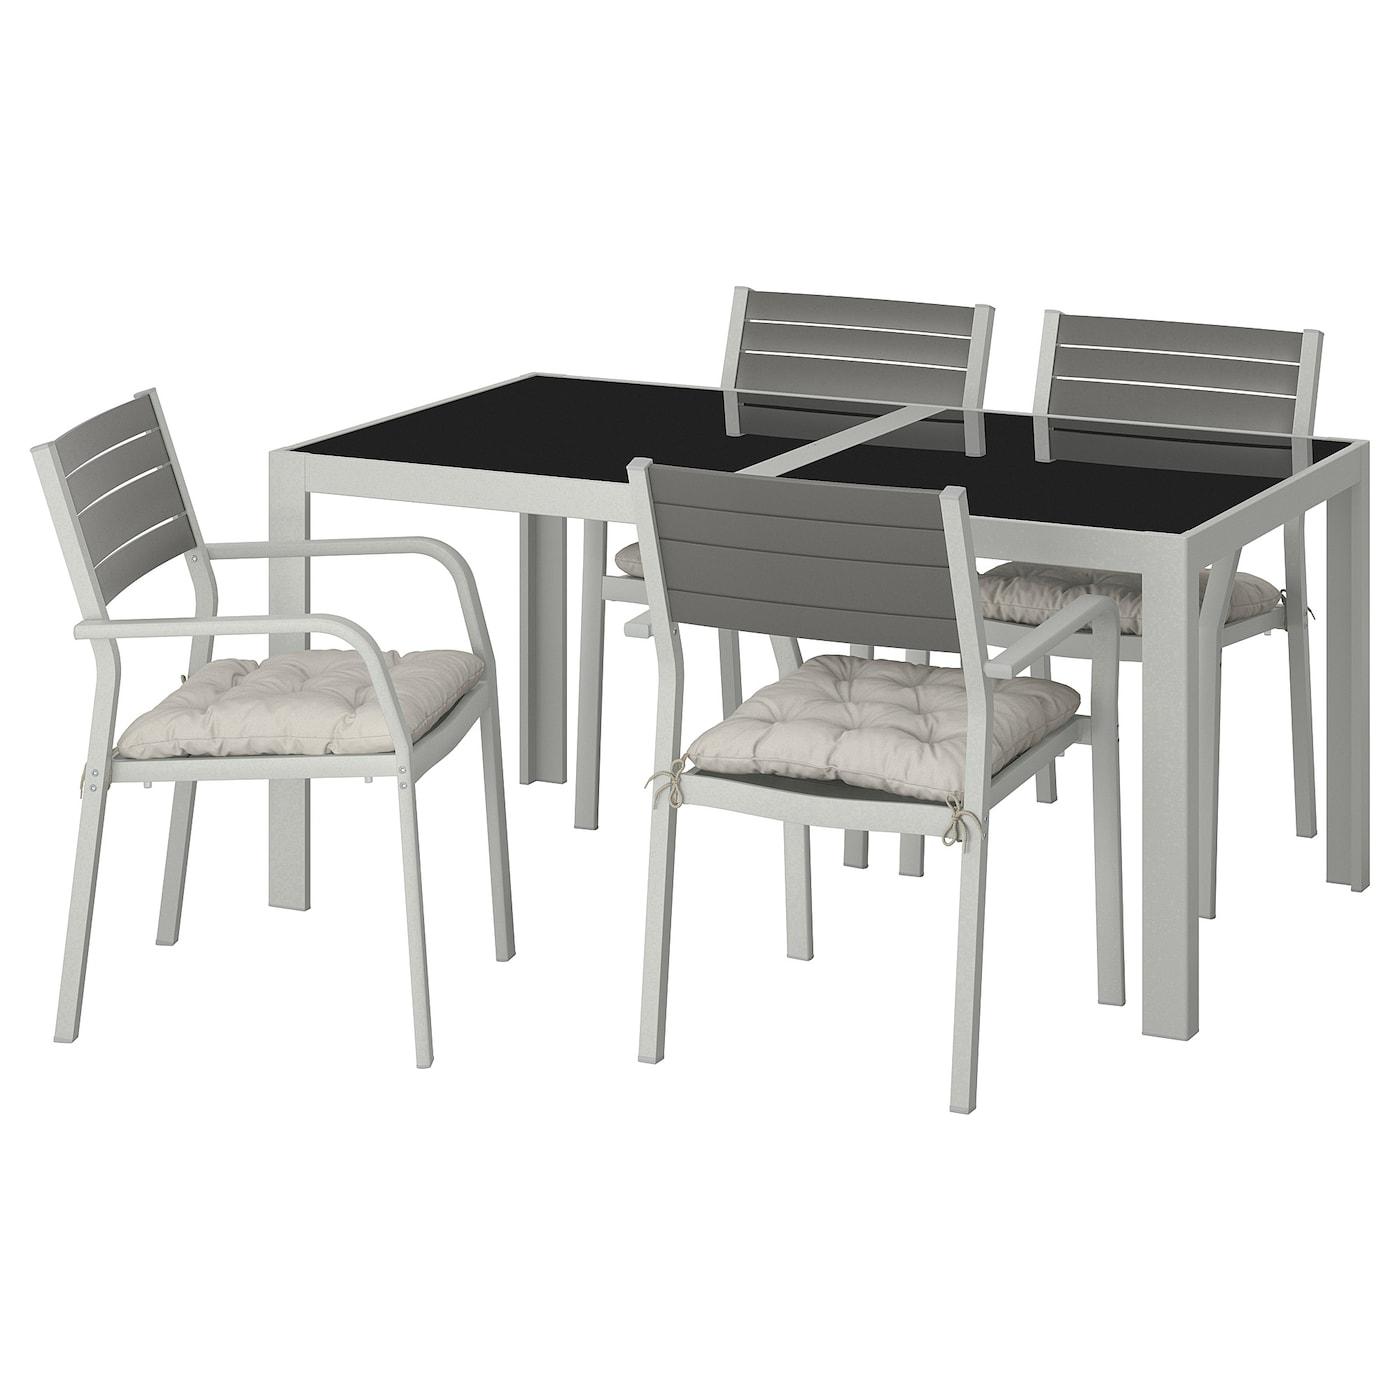 Tables de jardin | Design & Pas cher - IKEA